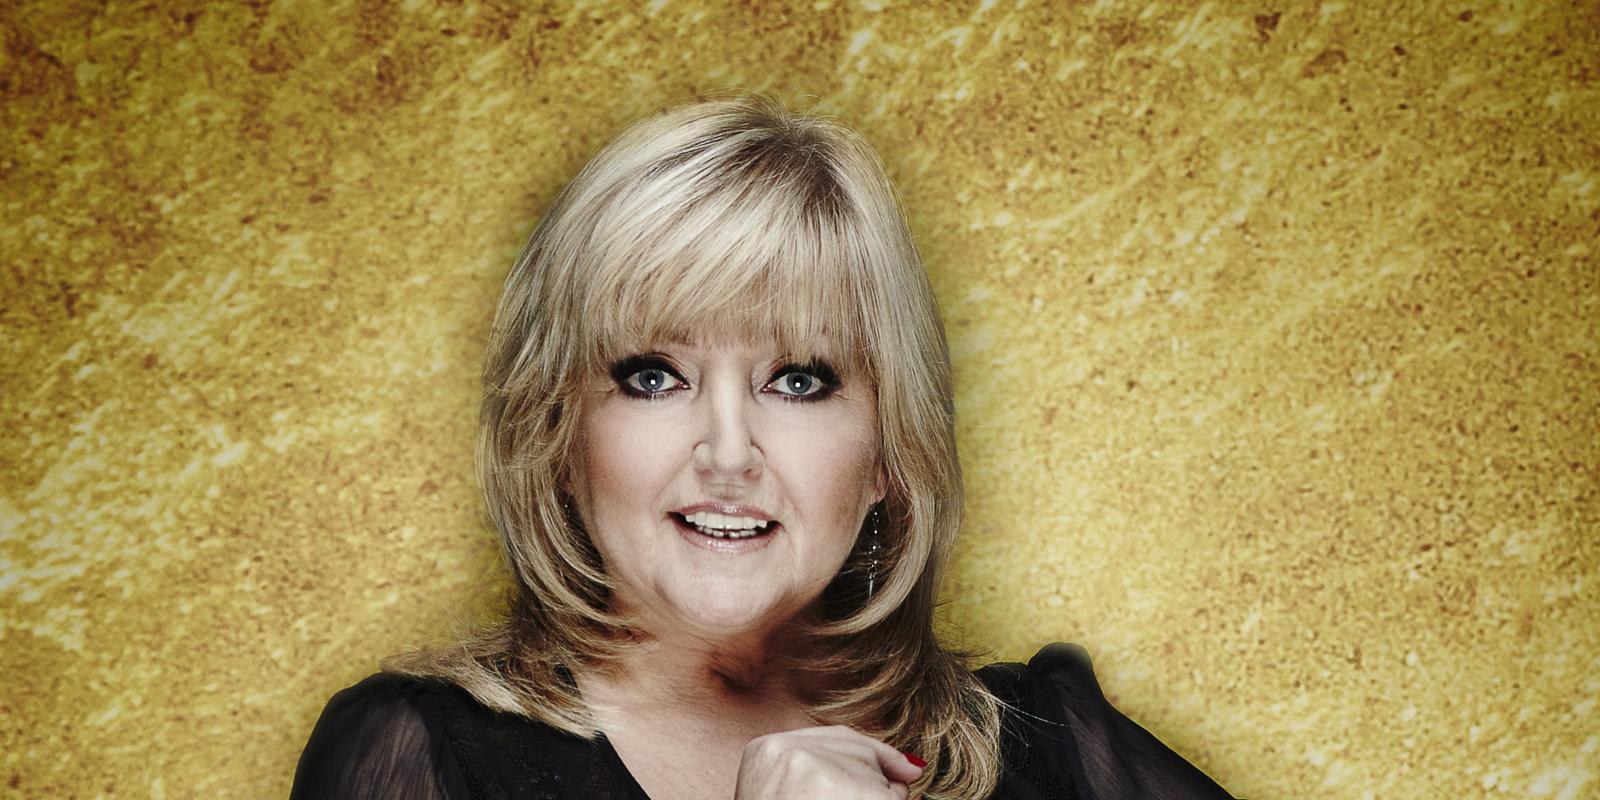 Linda Nolan reveals heartbreaking funeral preparations Pictures of linda nolan